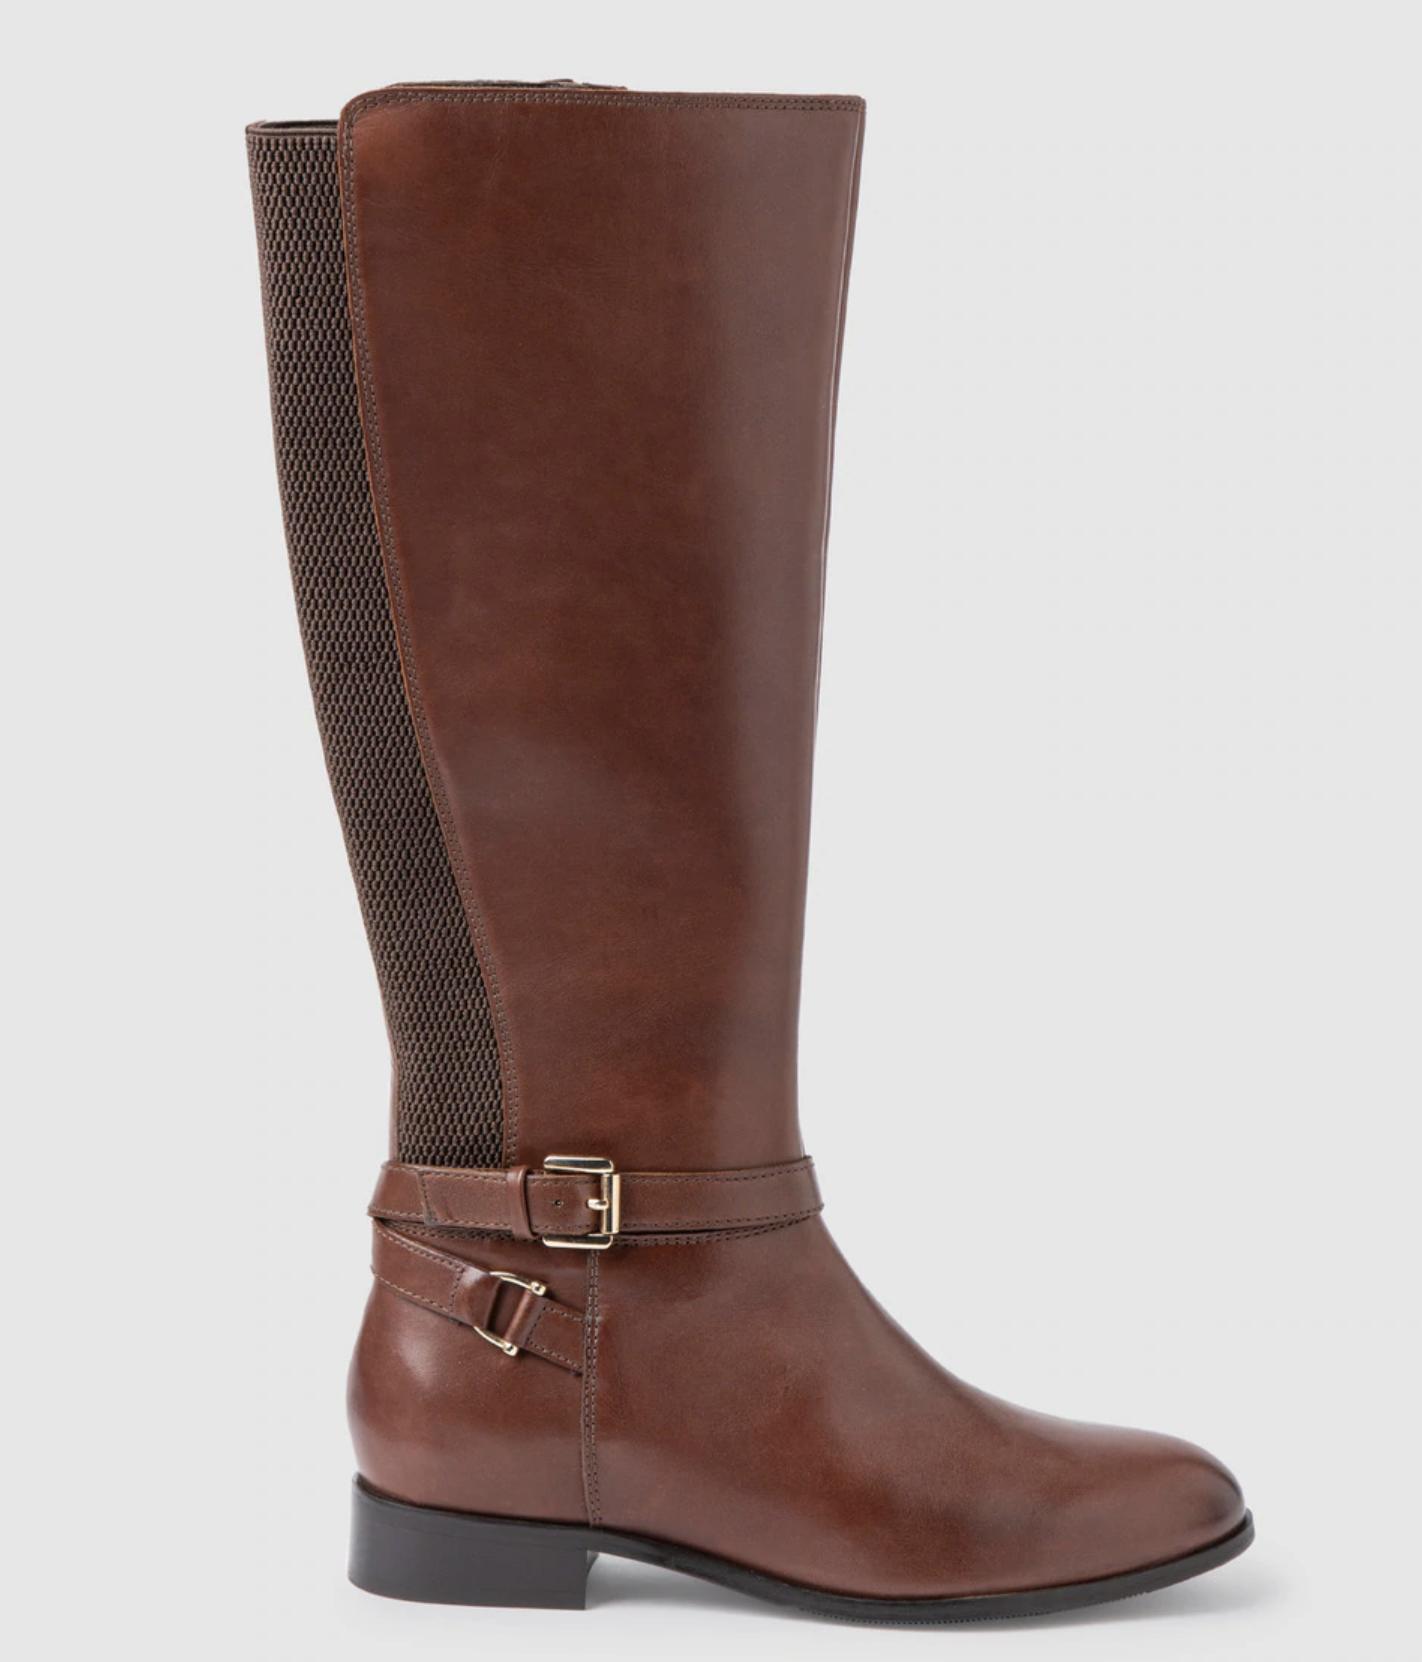 Botas de mujer Antea de piel en color marrón